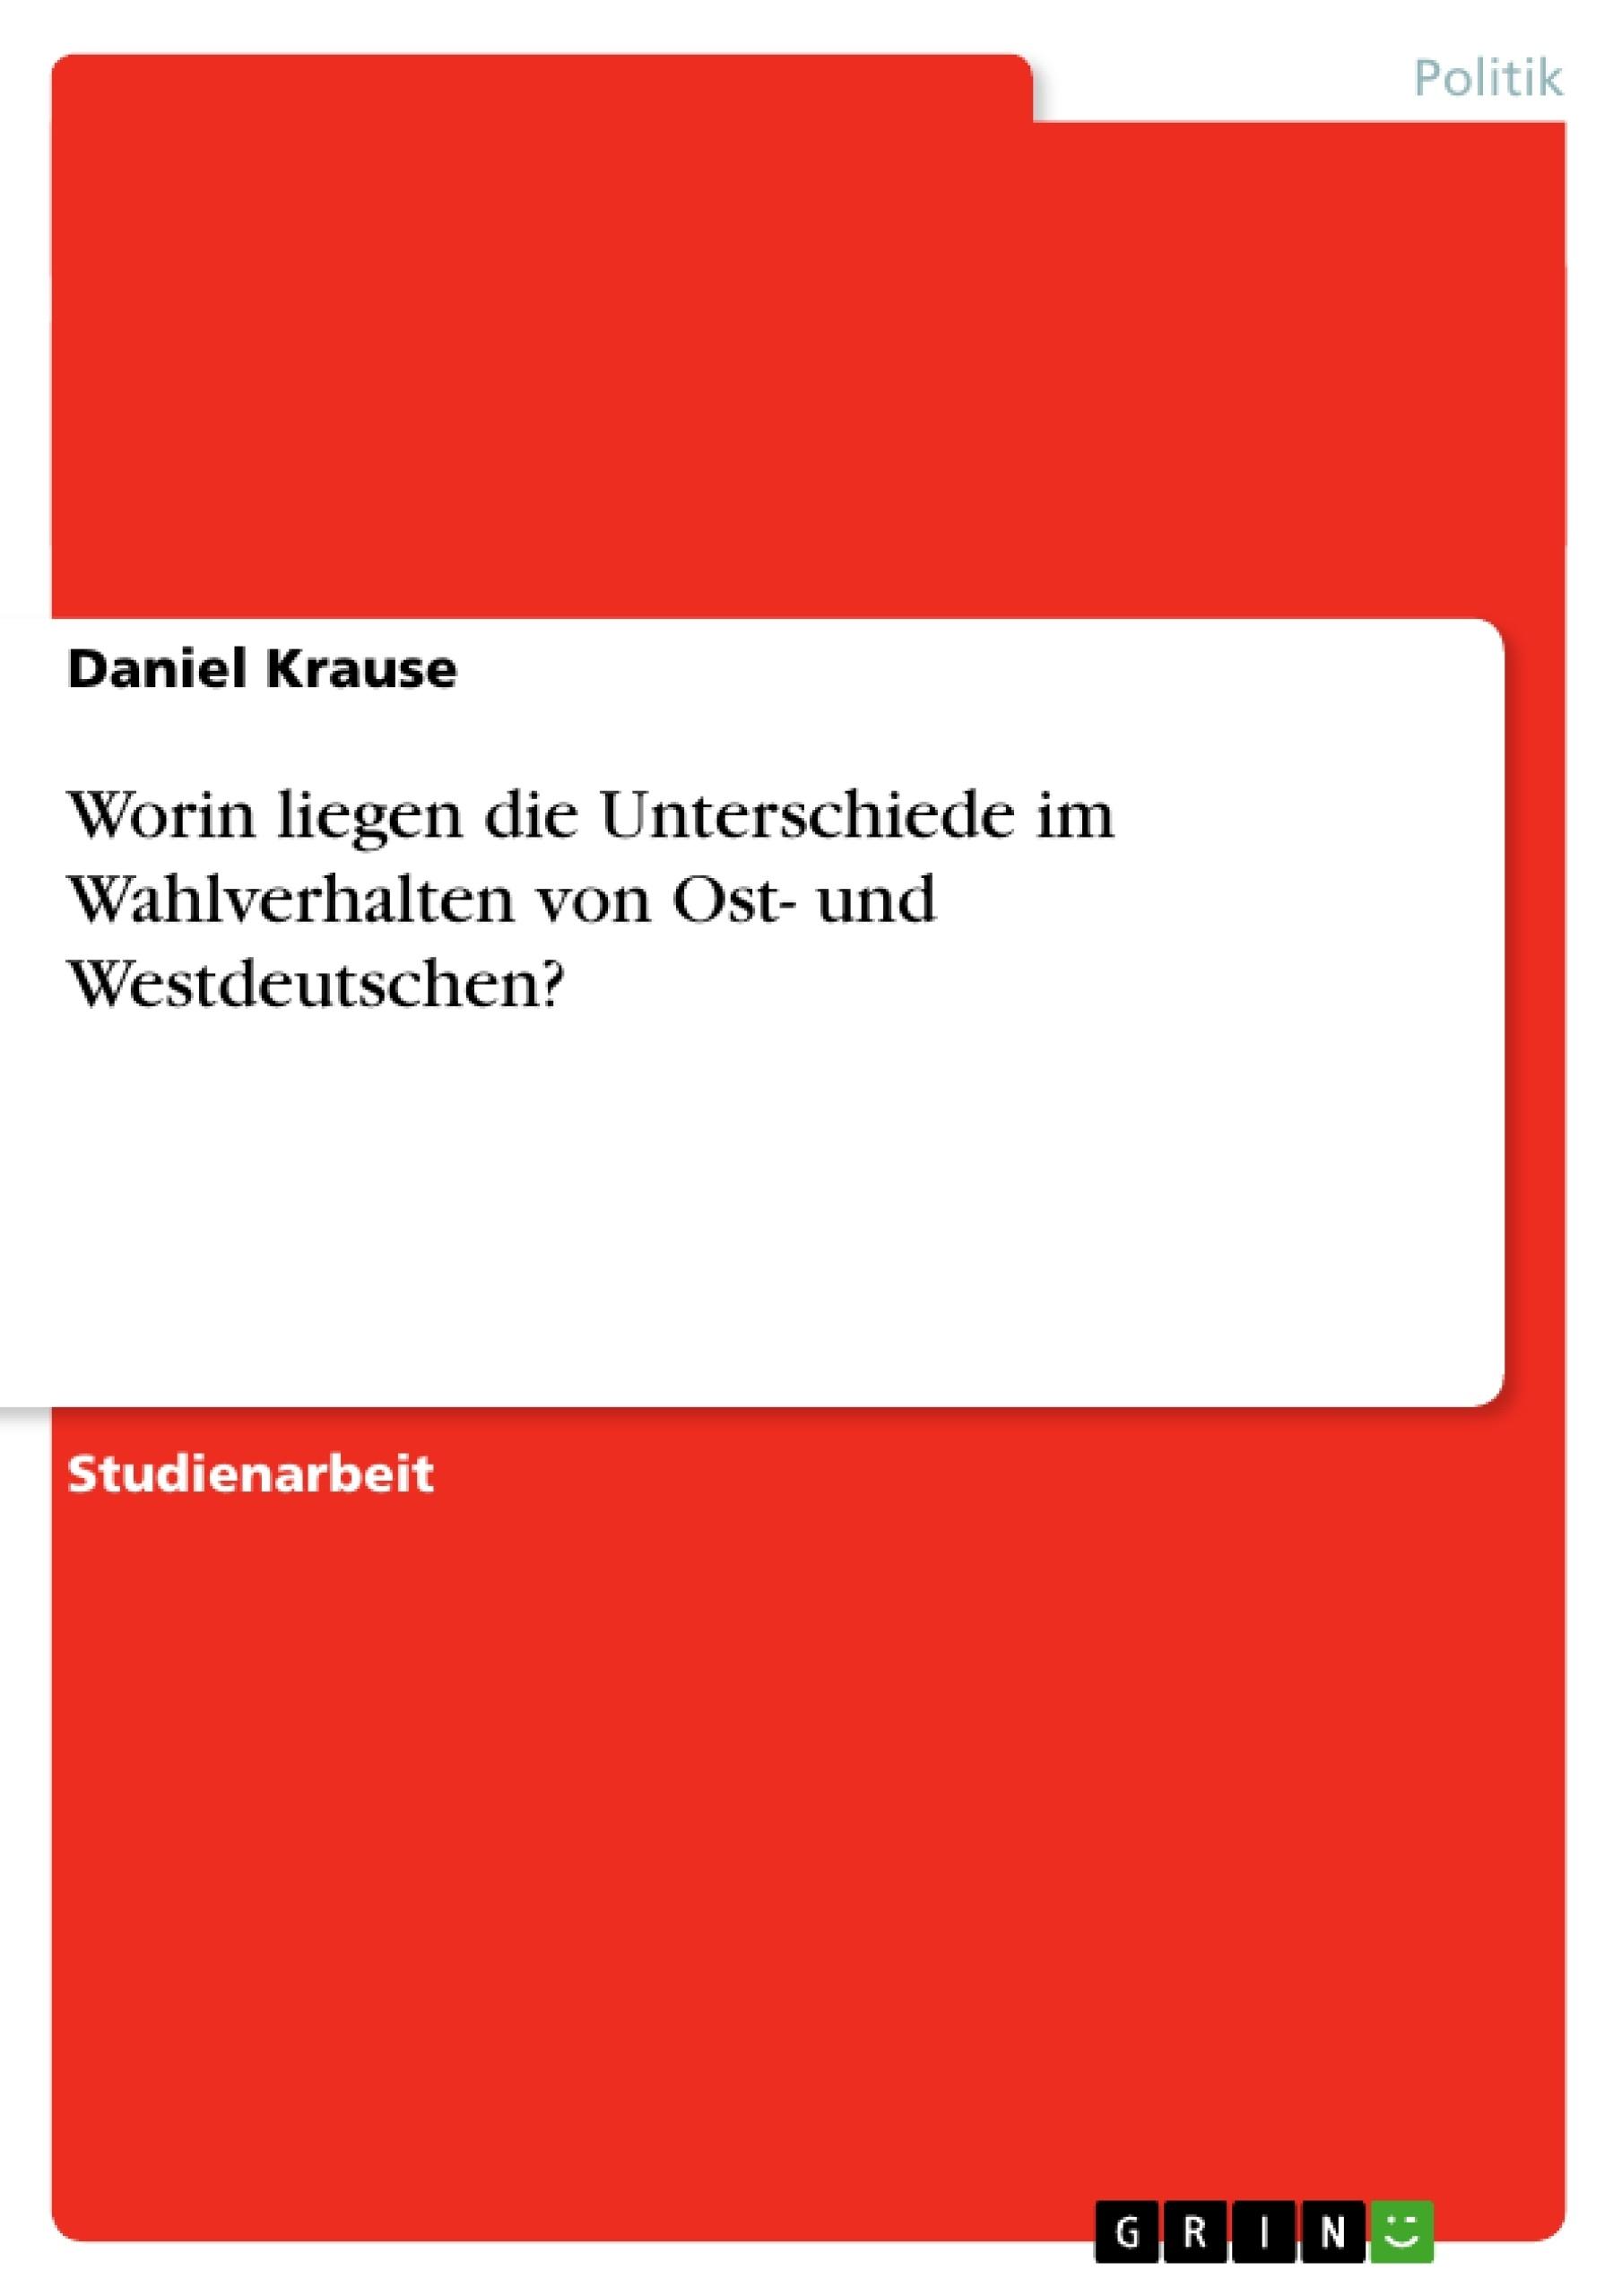 Titel: Worin liegen die Unterschiede im Wahlverhalten von Ost- und Westdeutschen?